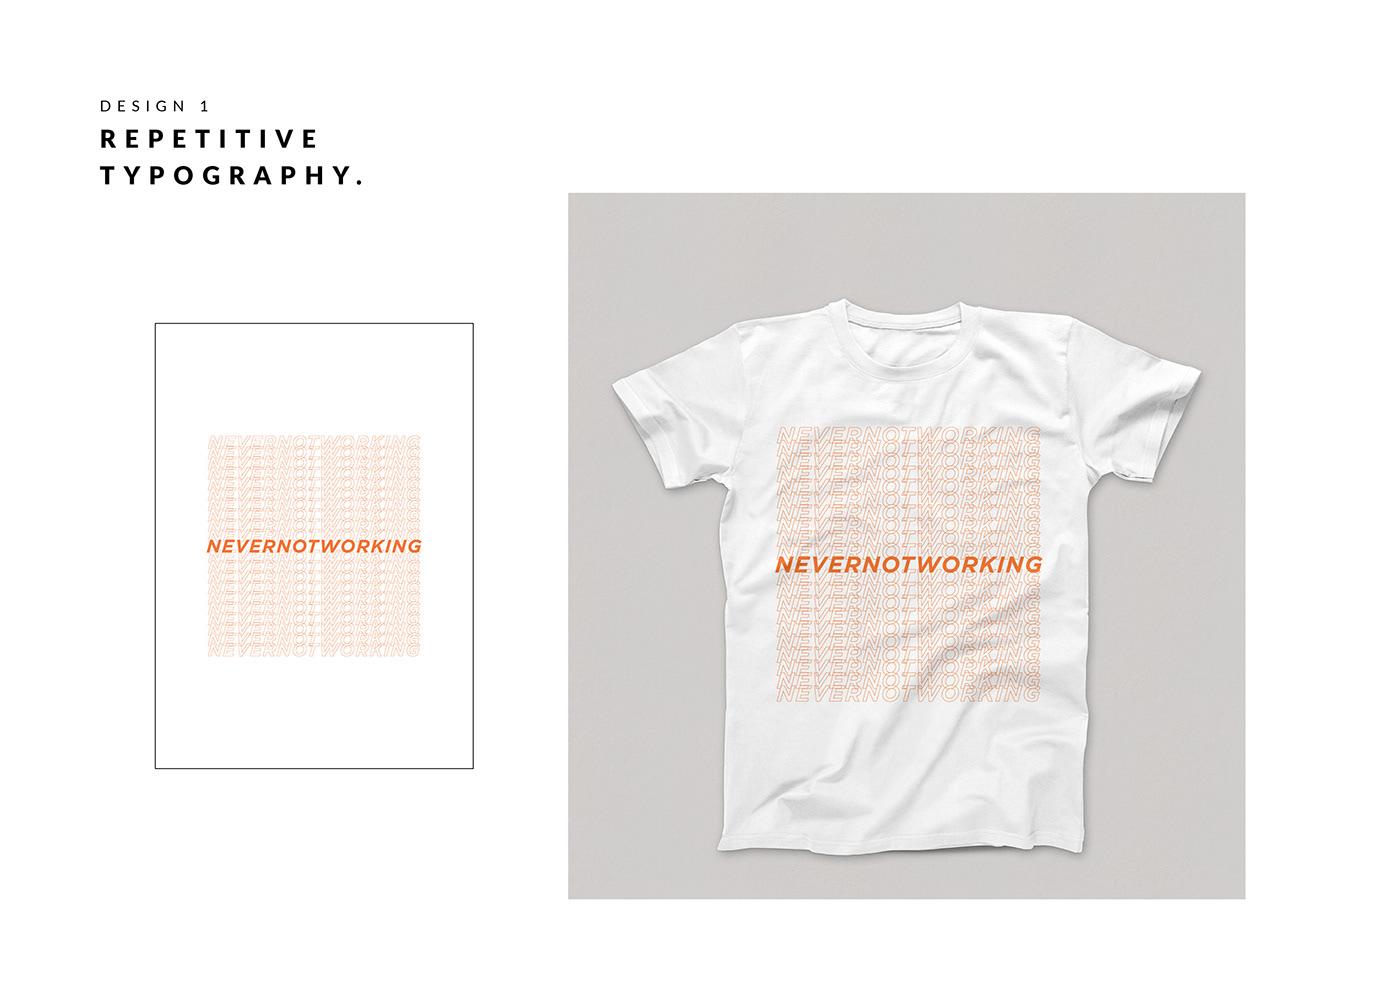 Image may contain: shirt, active shirt and sleeve